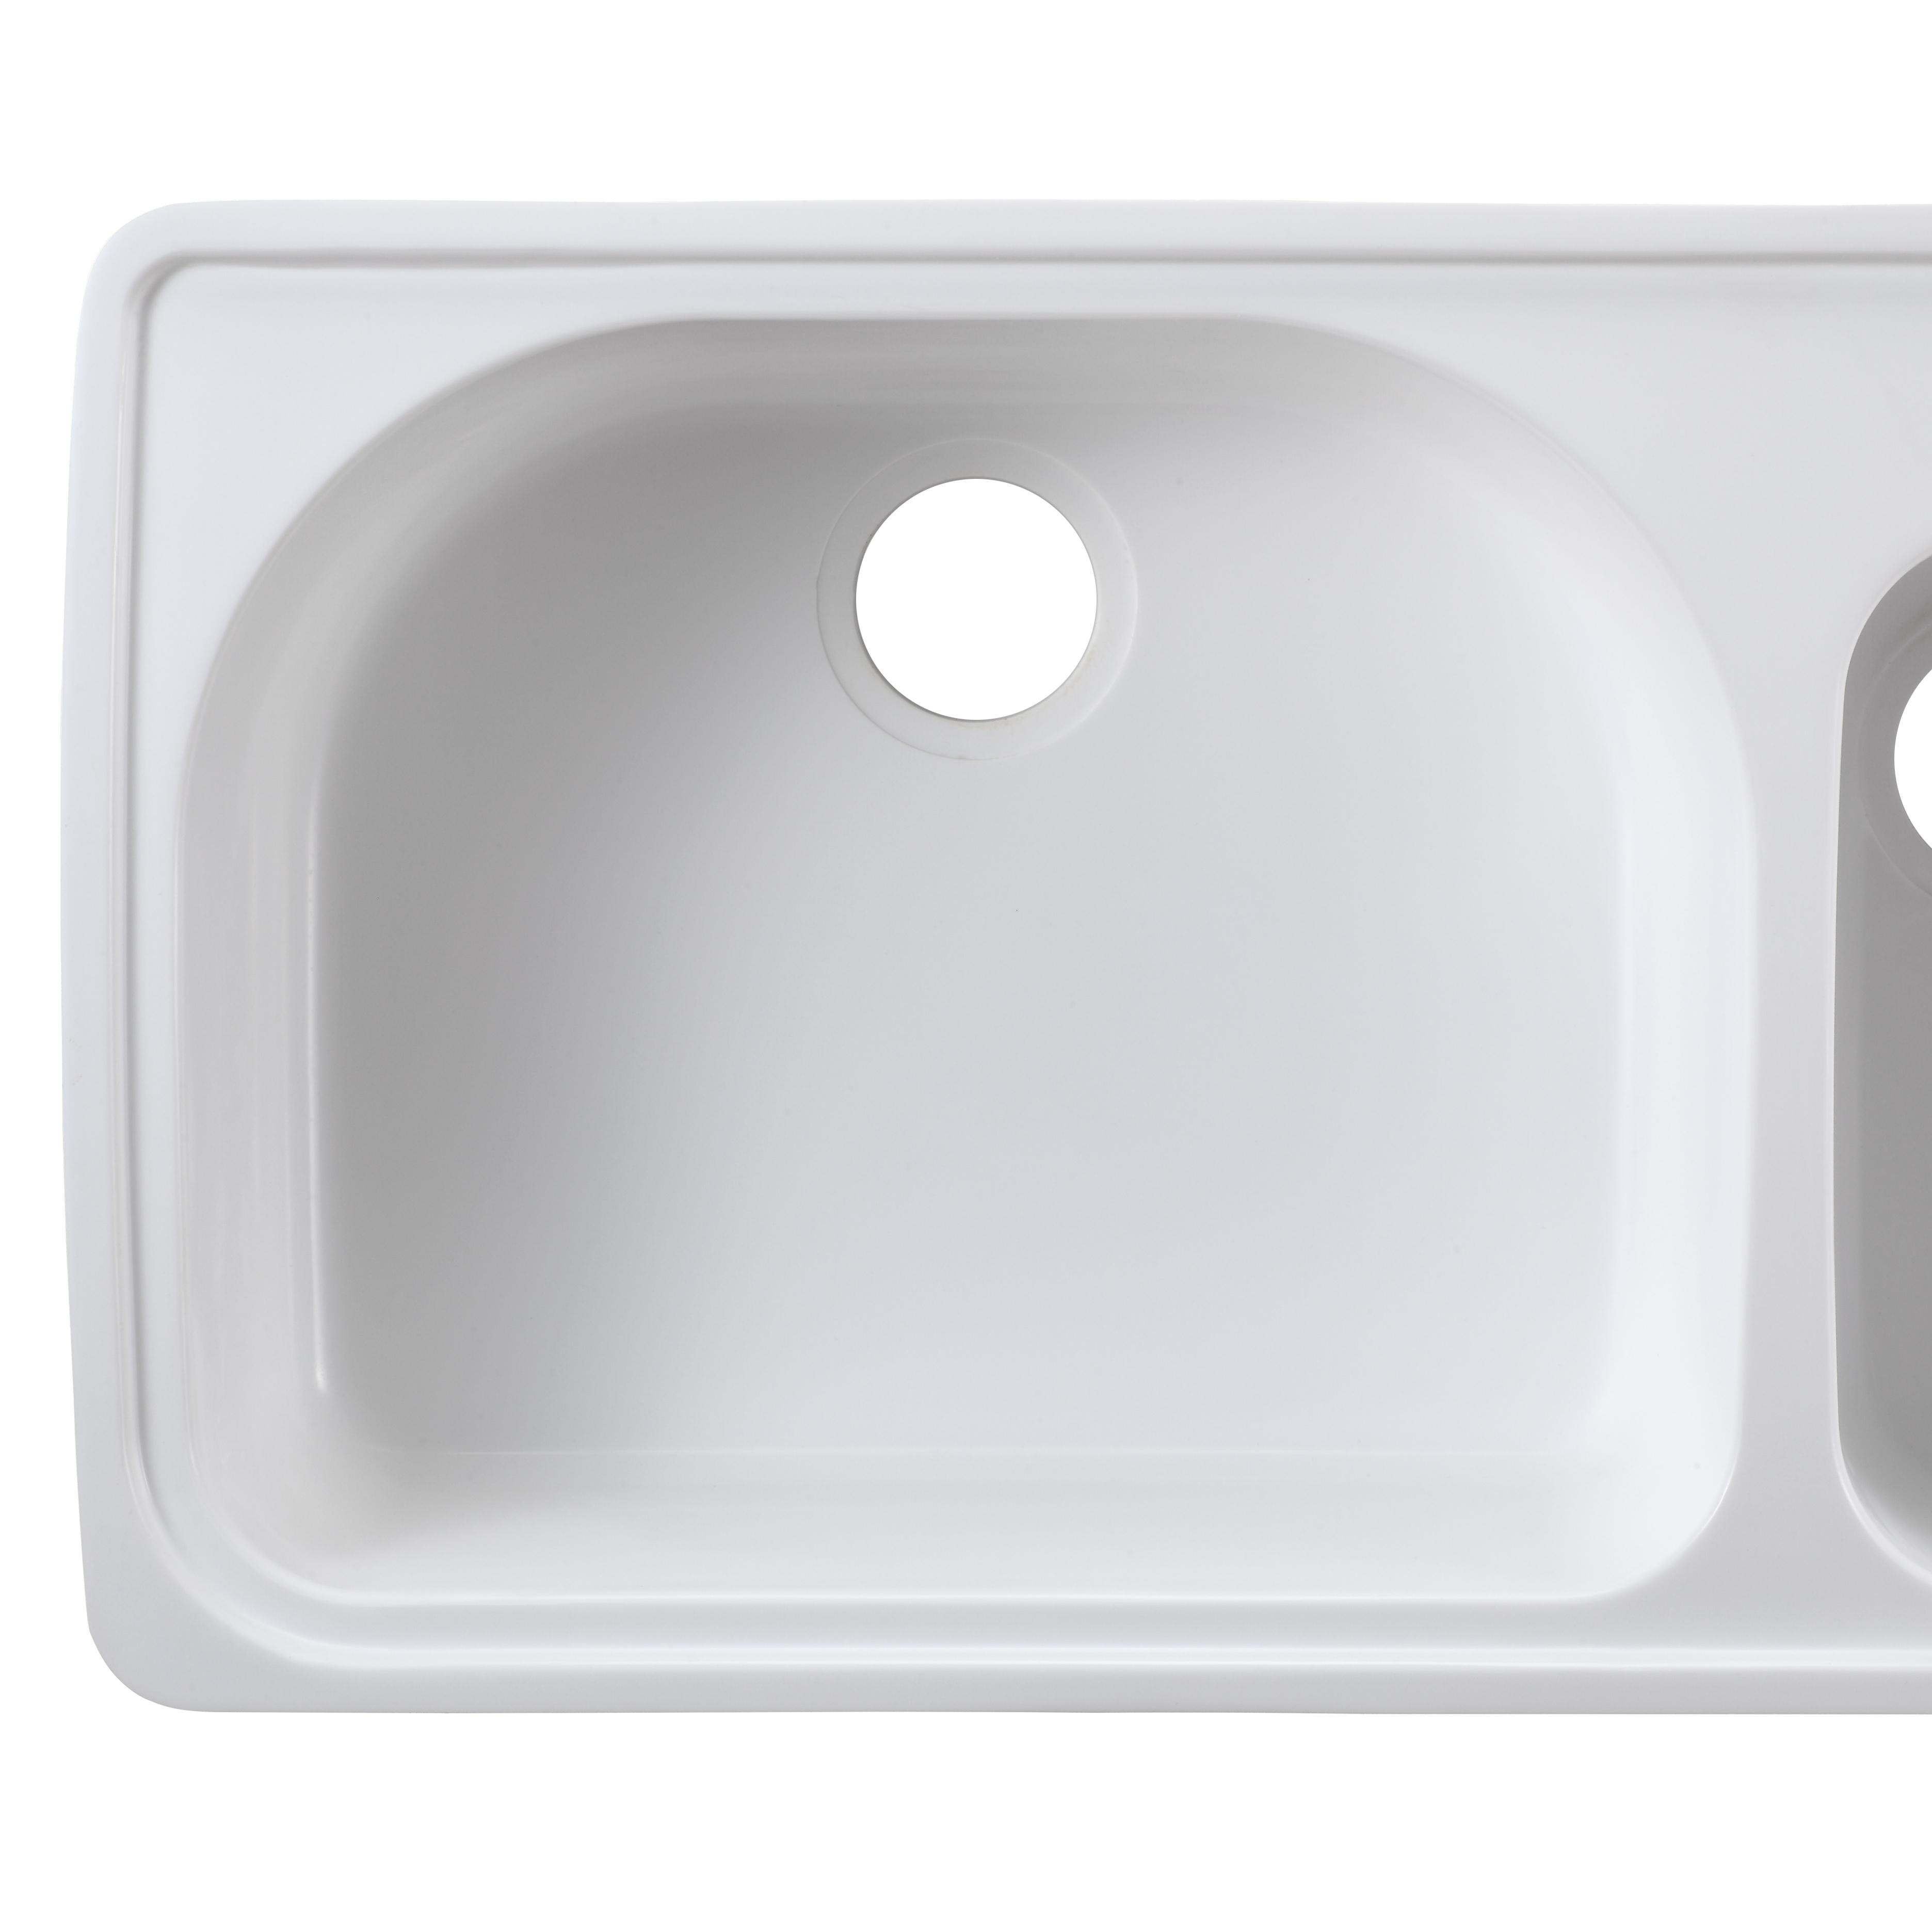 Lavello Cucina In Porcellana lavelli cucina in porcellana all'ingrosso-acquista online i